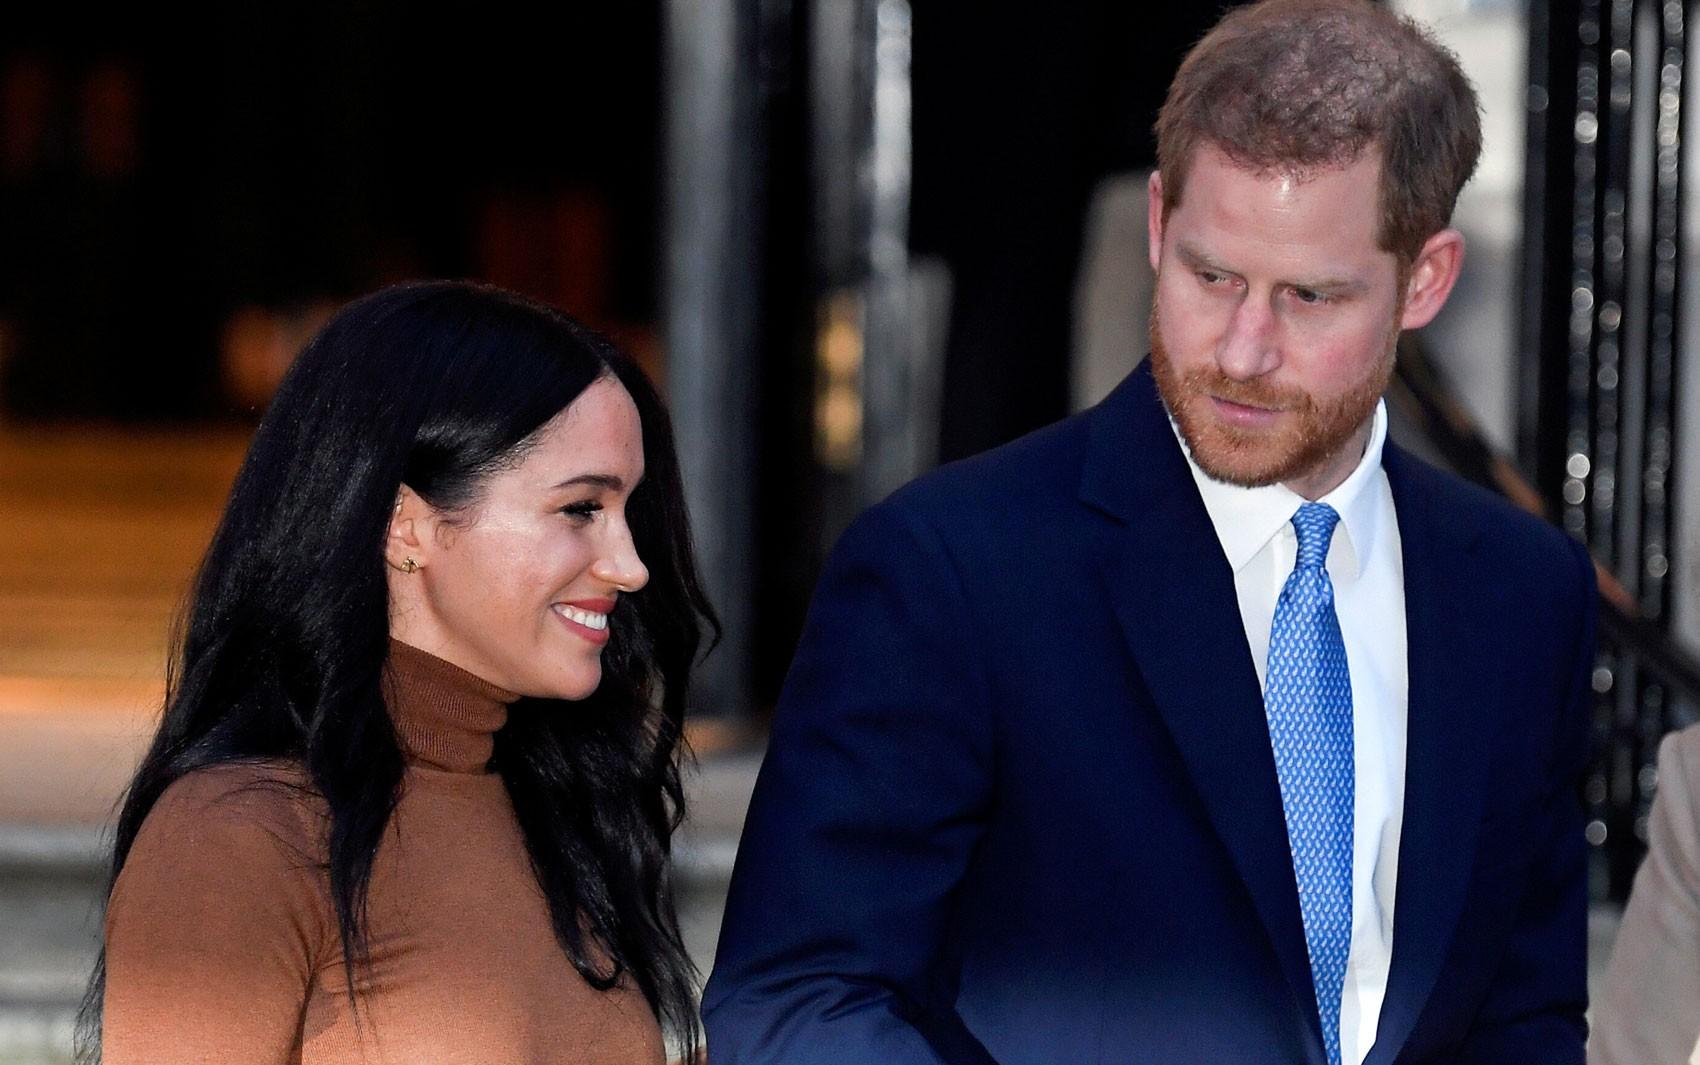 Harry e Meghan deixarão responsabilidade monárquicas em 31 de março